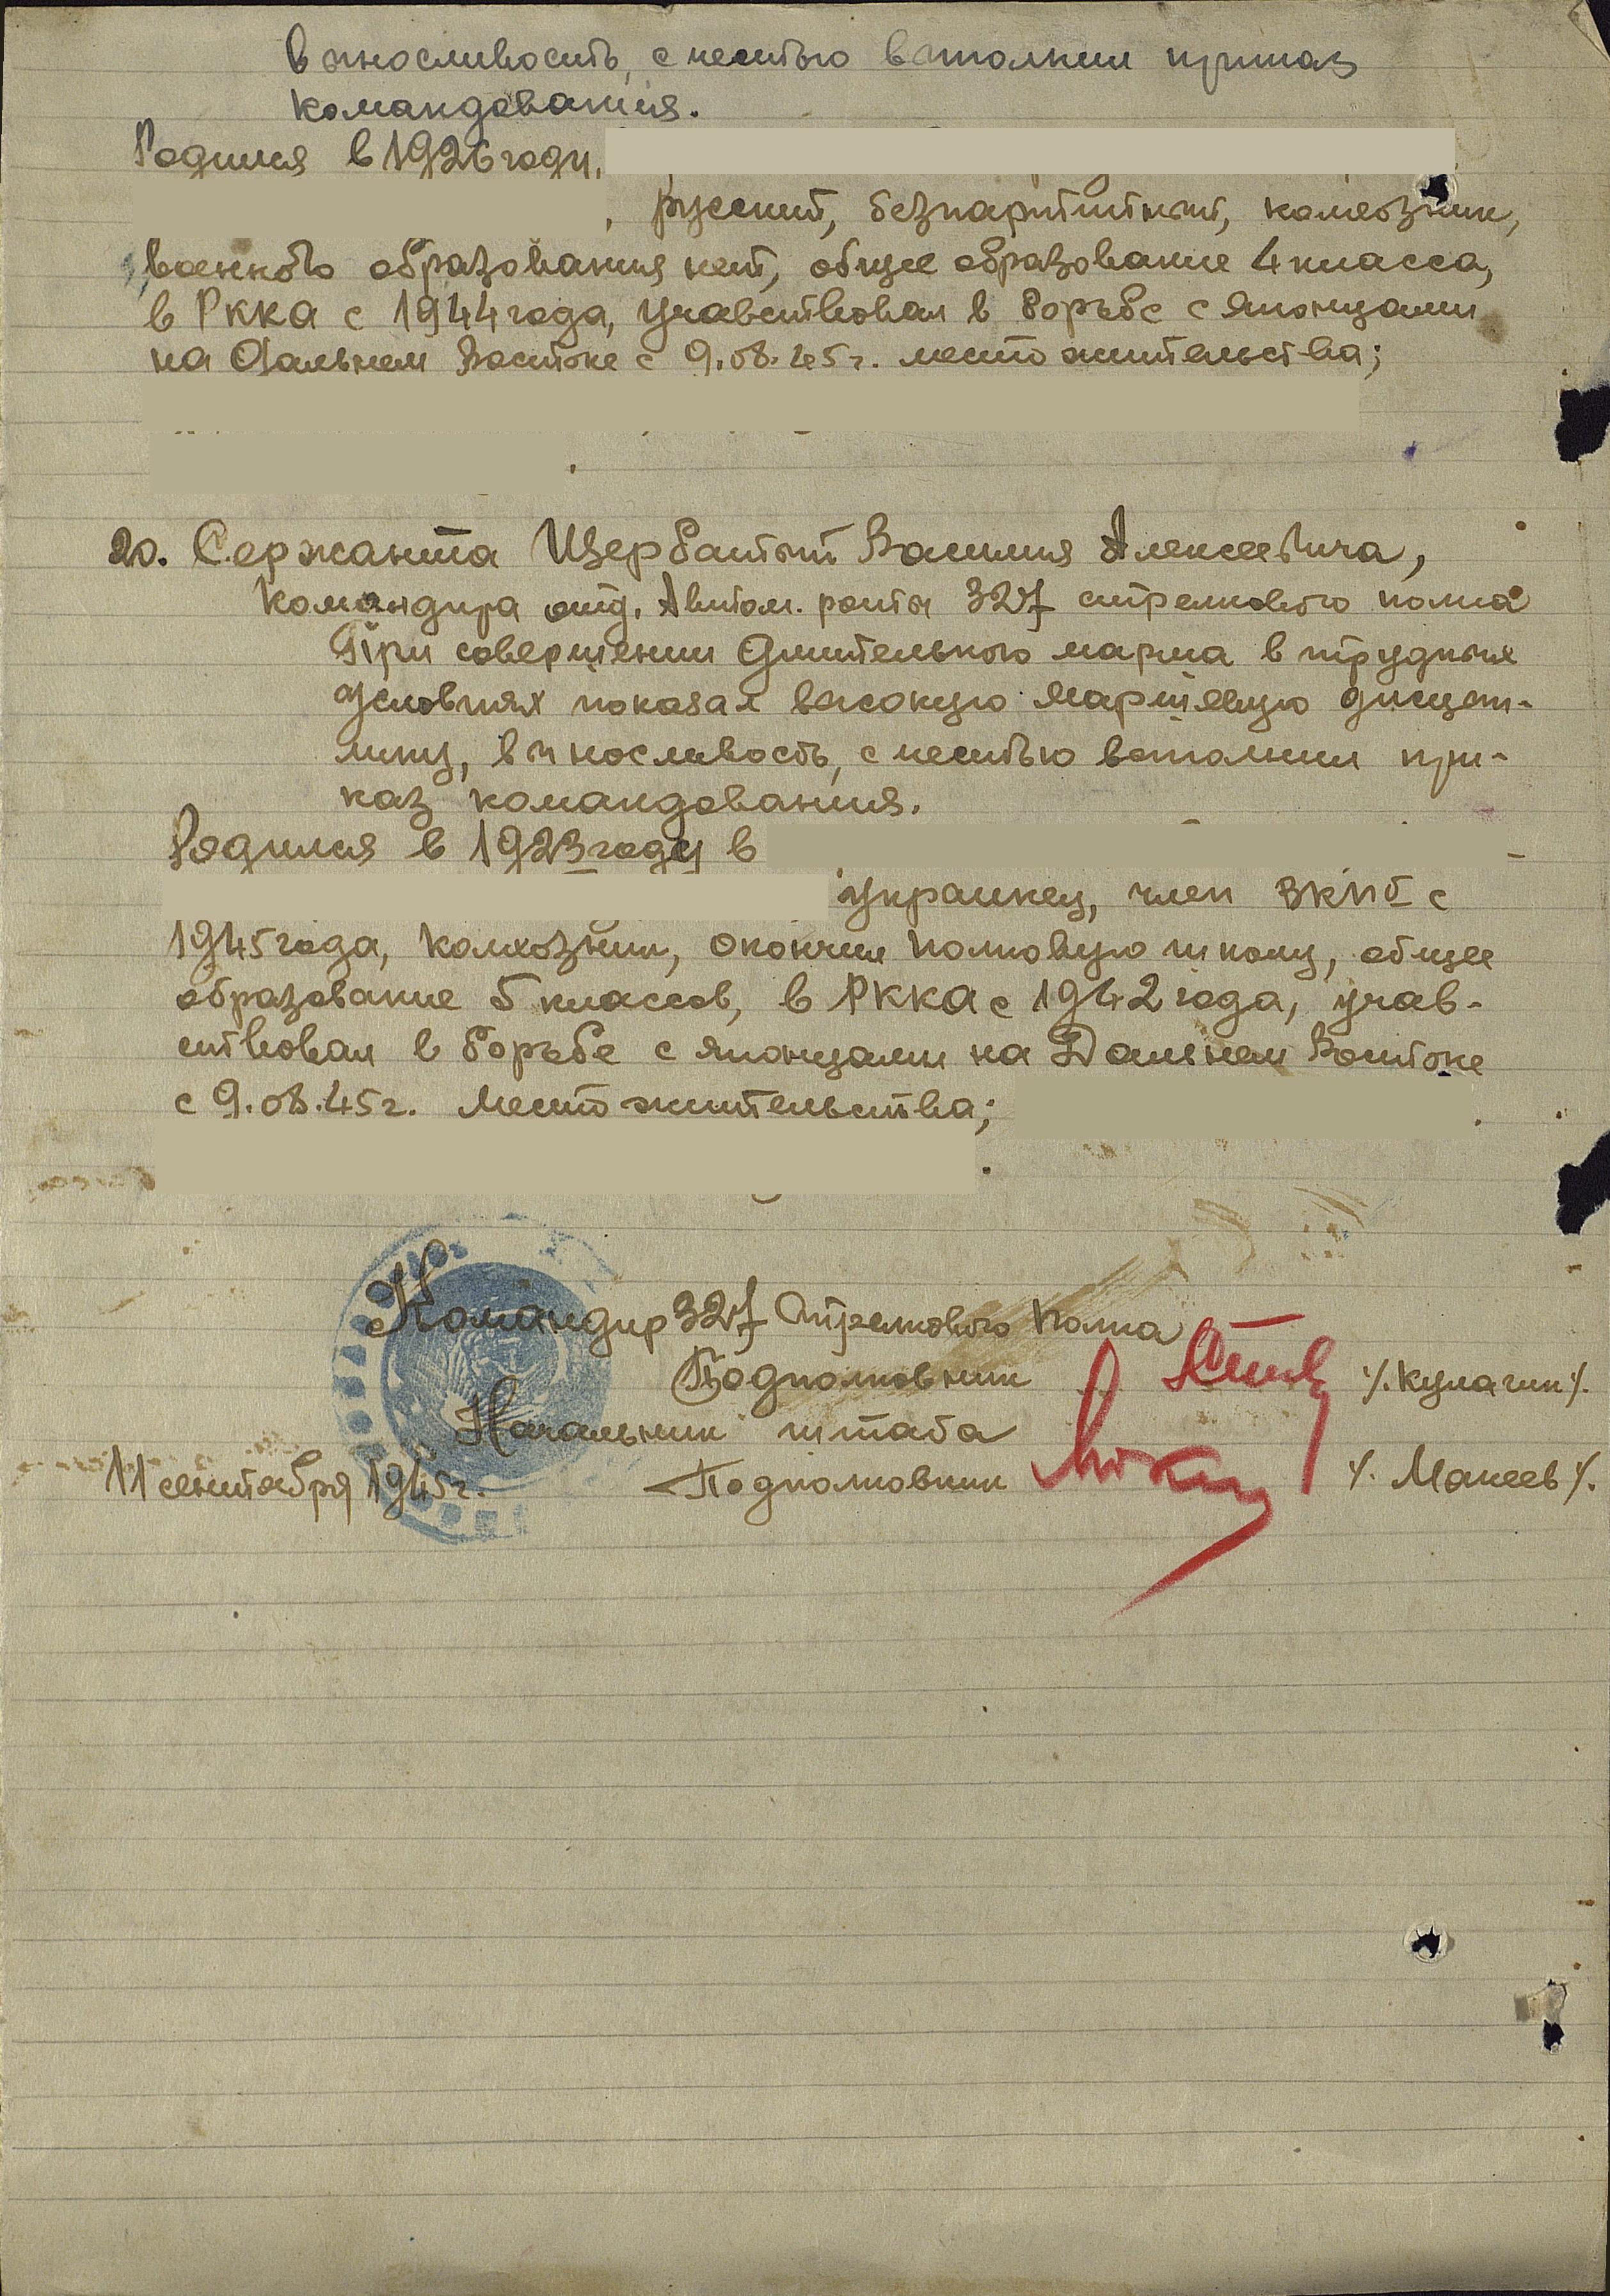 Приказ о награждении Шмелева Федора Ивановича медалью за боевые заслуги